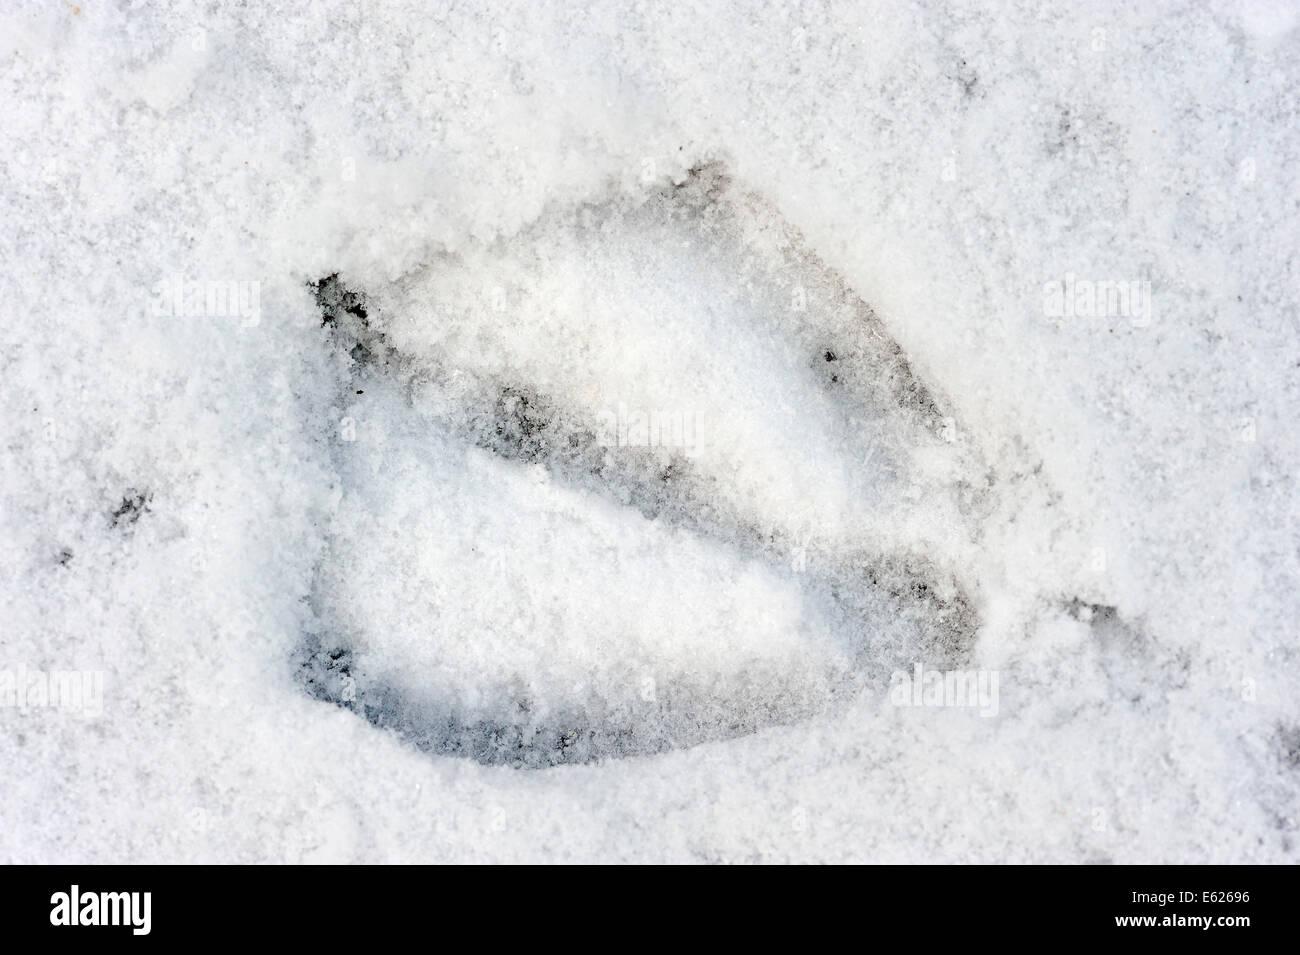 fussabdruck im schnee photos & fussabdruck im schnee images - alamy